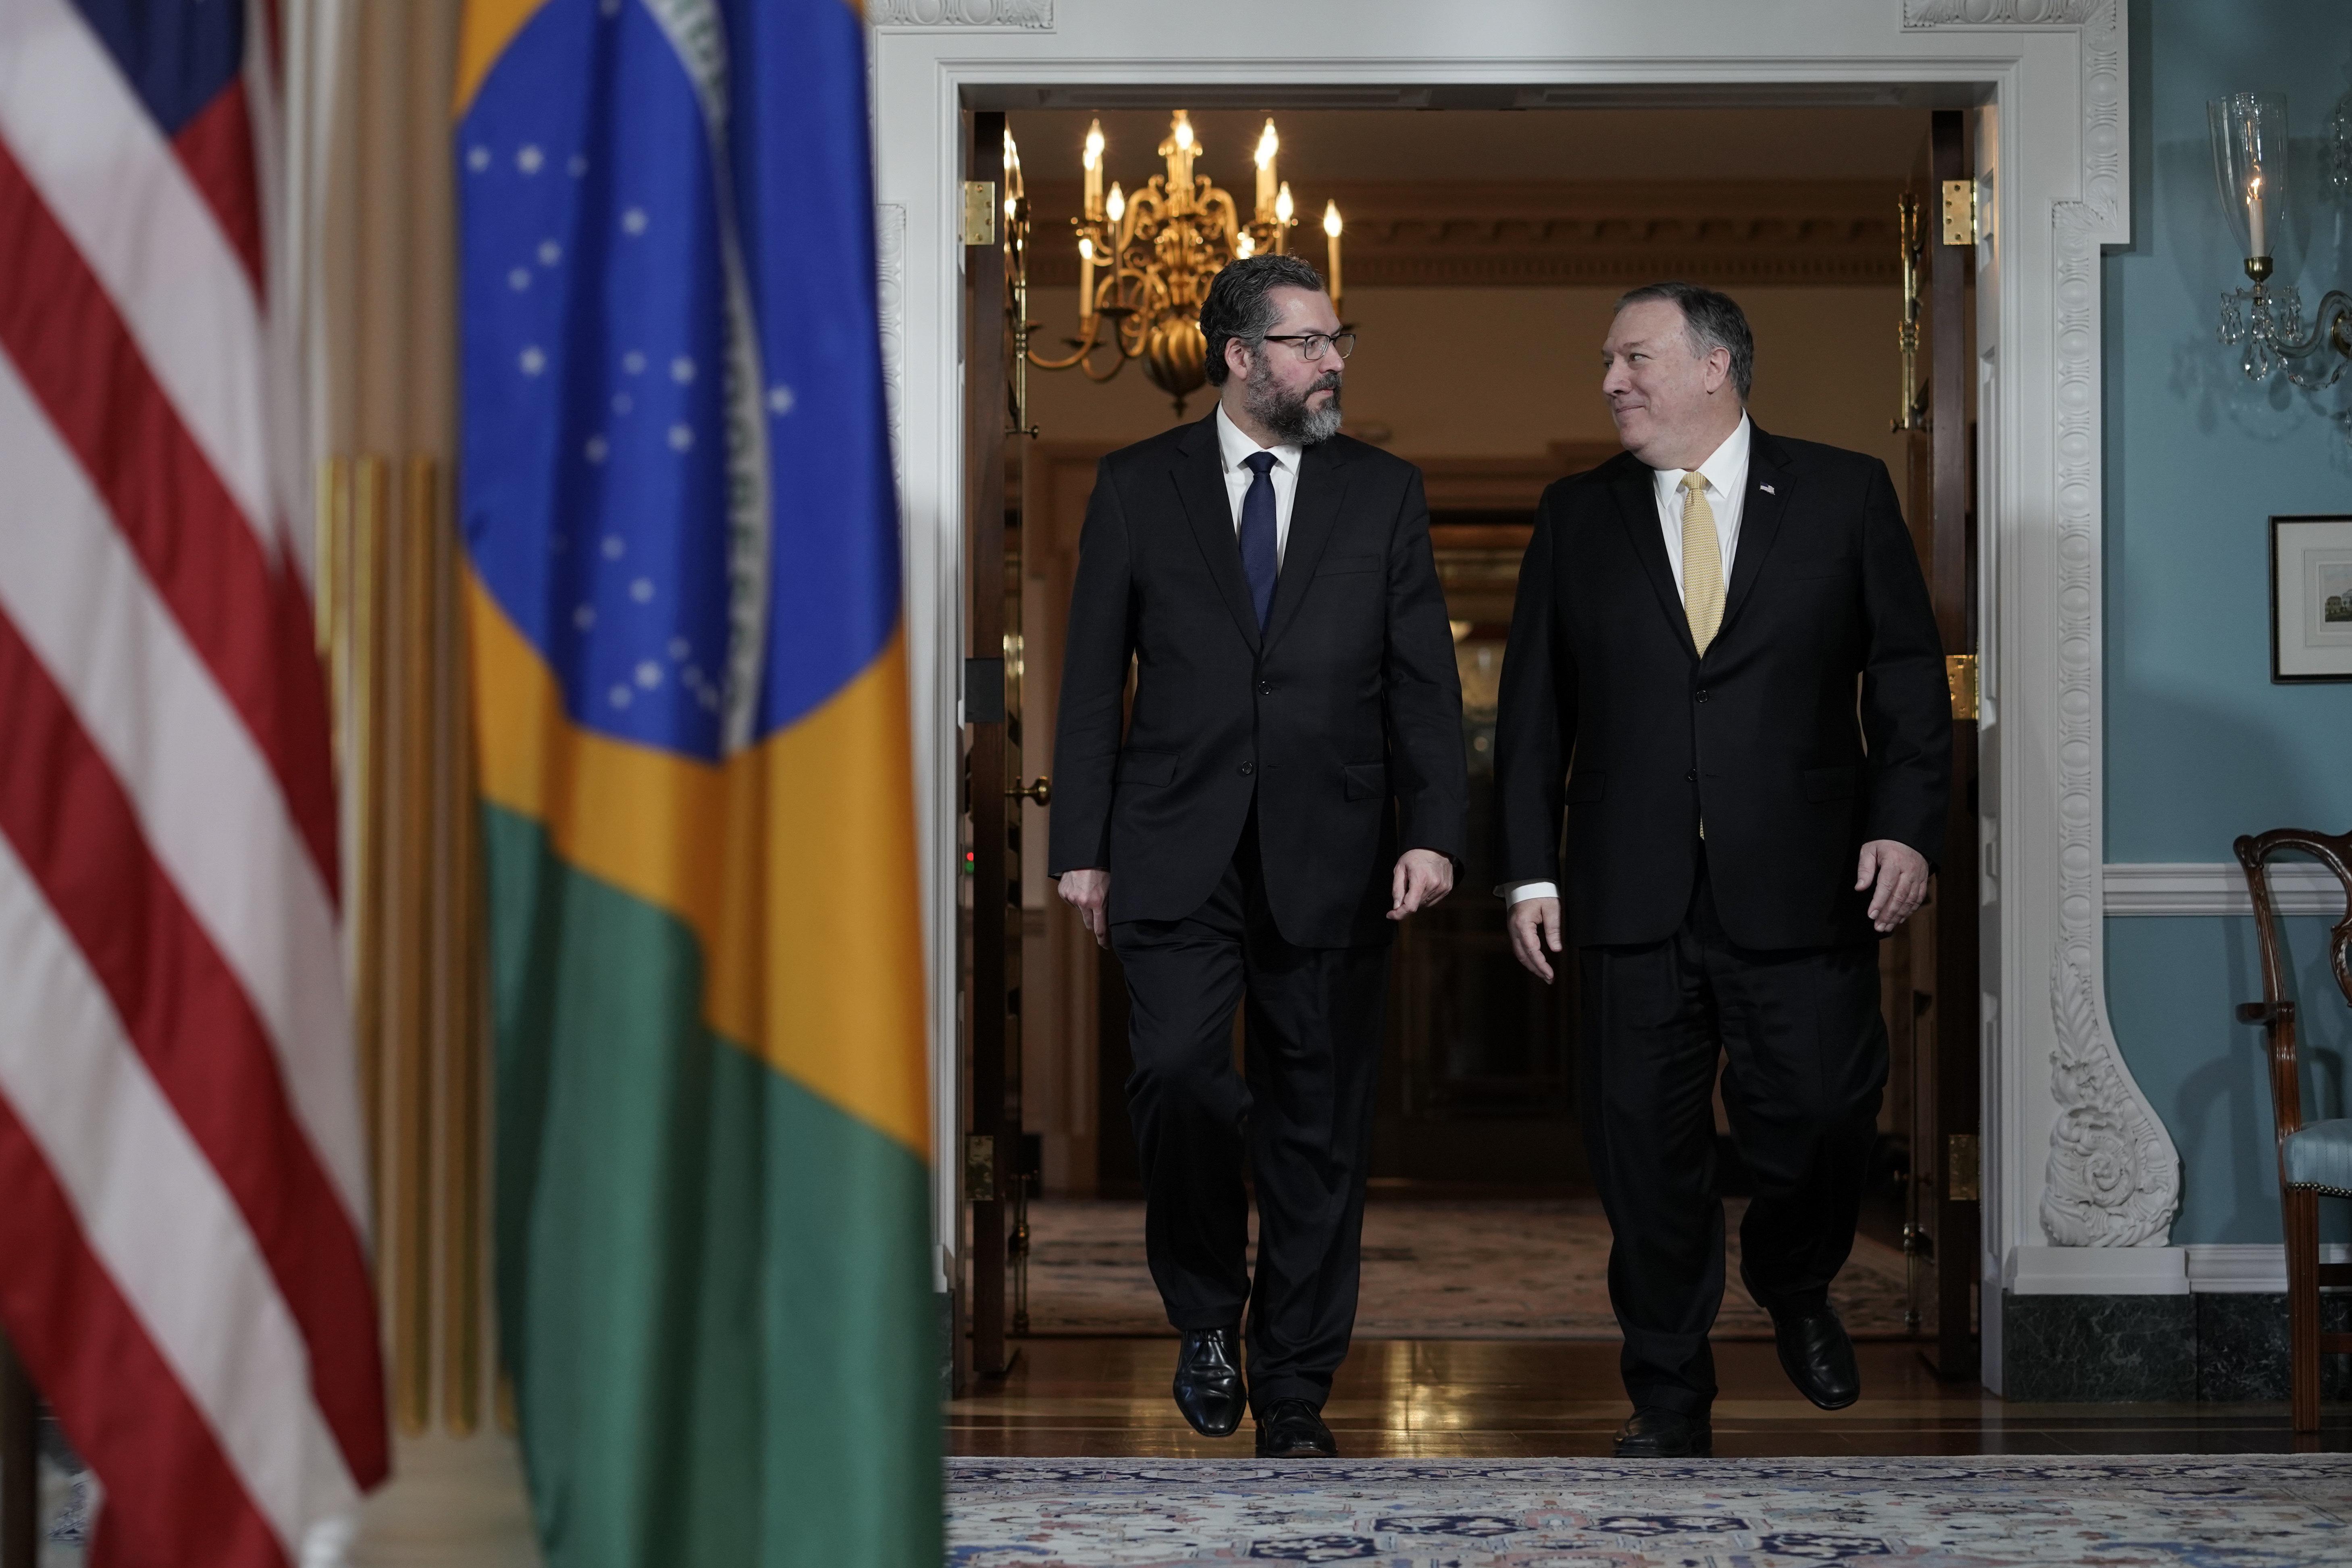 Chanceler brasileiro programa viagem de Bolsonaro aos EUA em